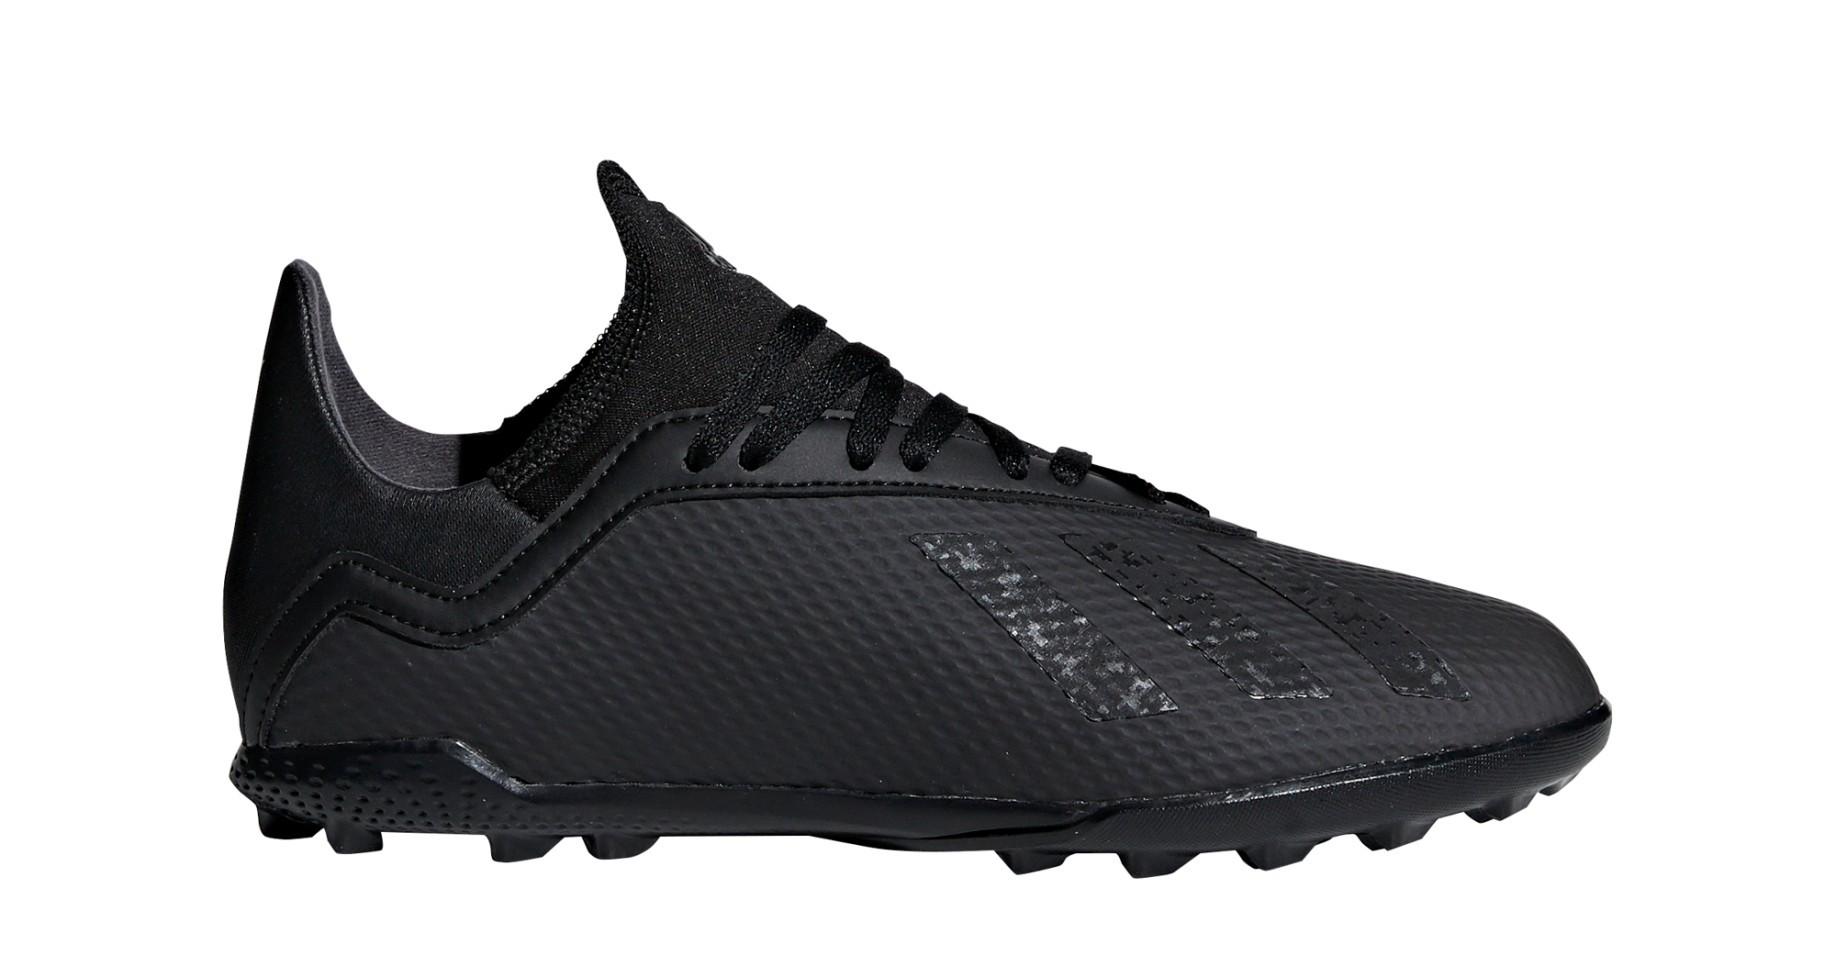 6141e3e23a8 Shoes Soccer Kid Adidas X Tango 18.3 TF Shadow Mode Pack colore Black -  Adidas - SportIT.com